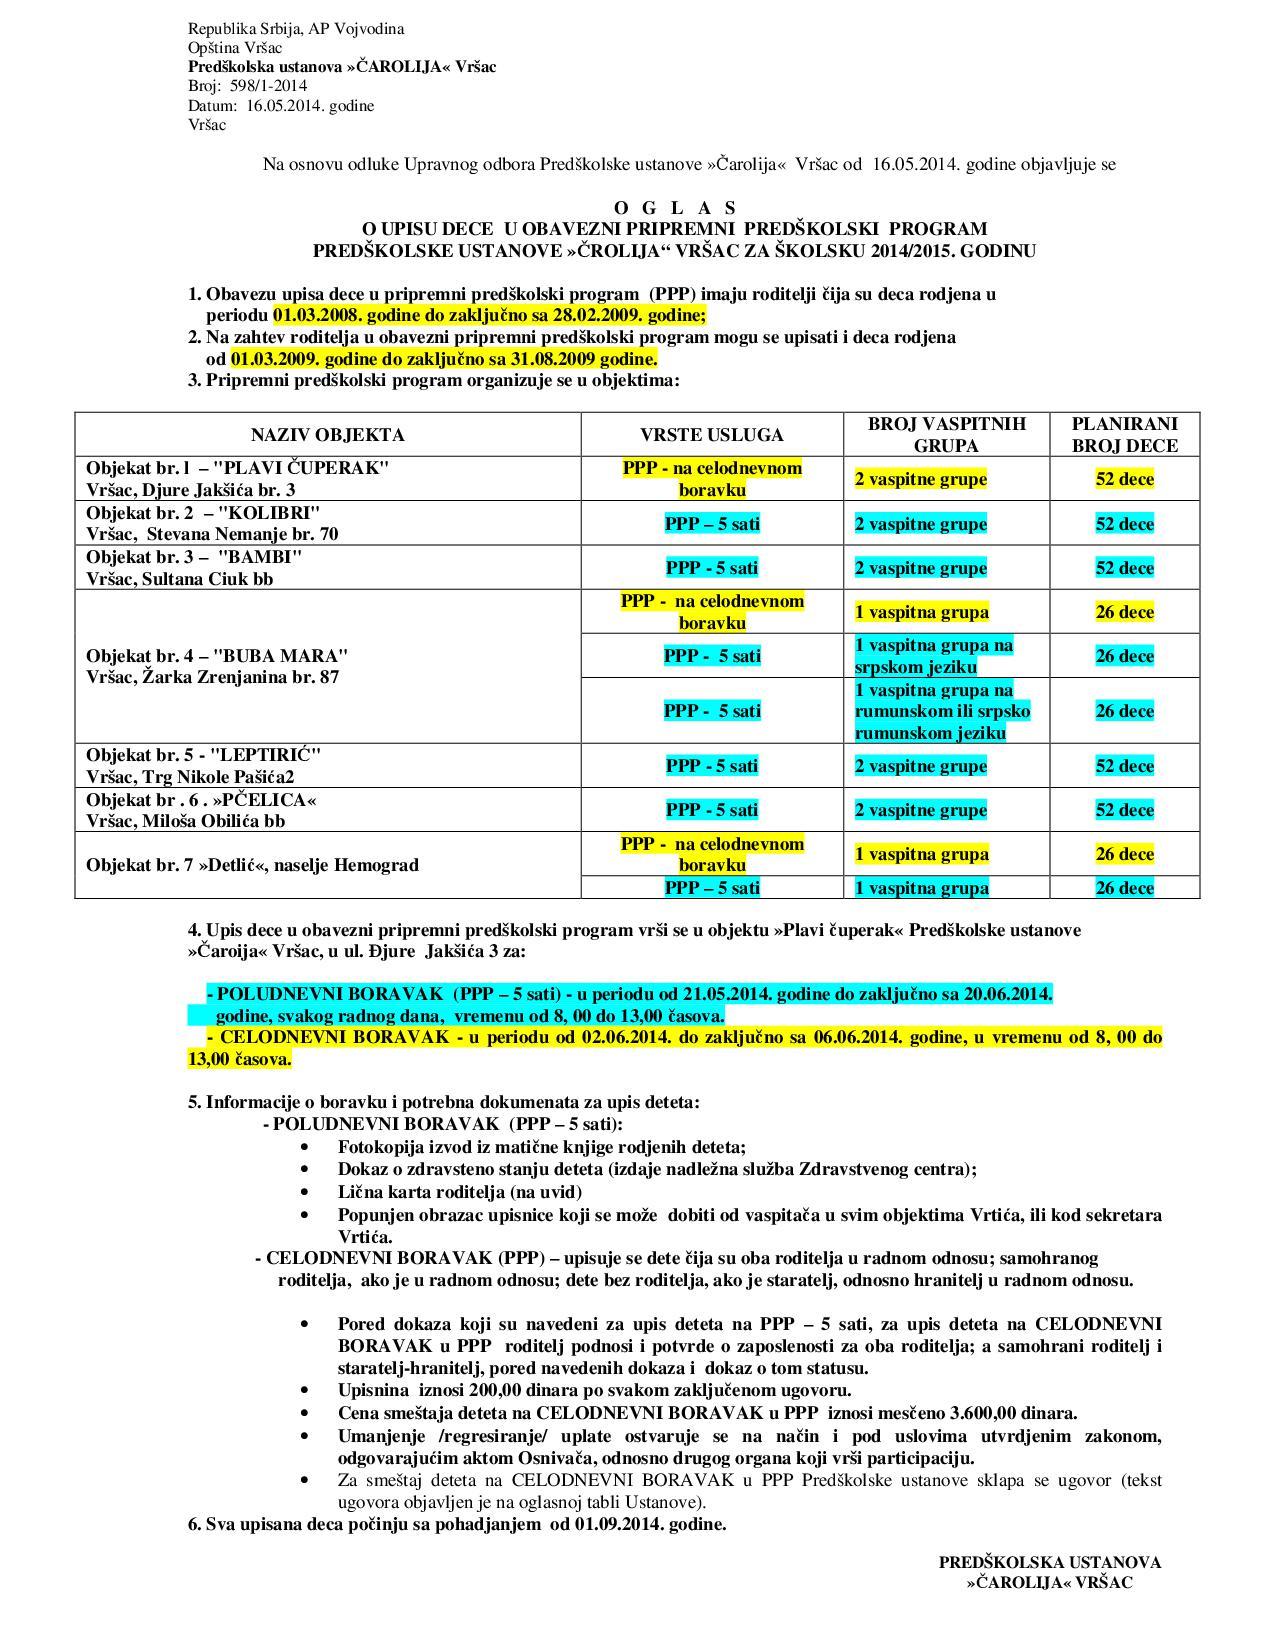 Oglas o upisu dece na za sk 2014 2015 godinu - PPP-001